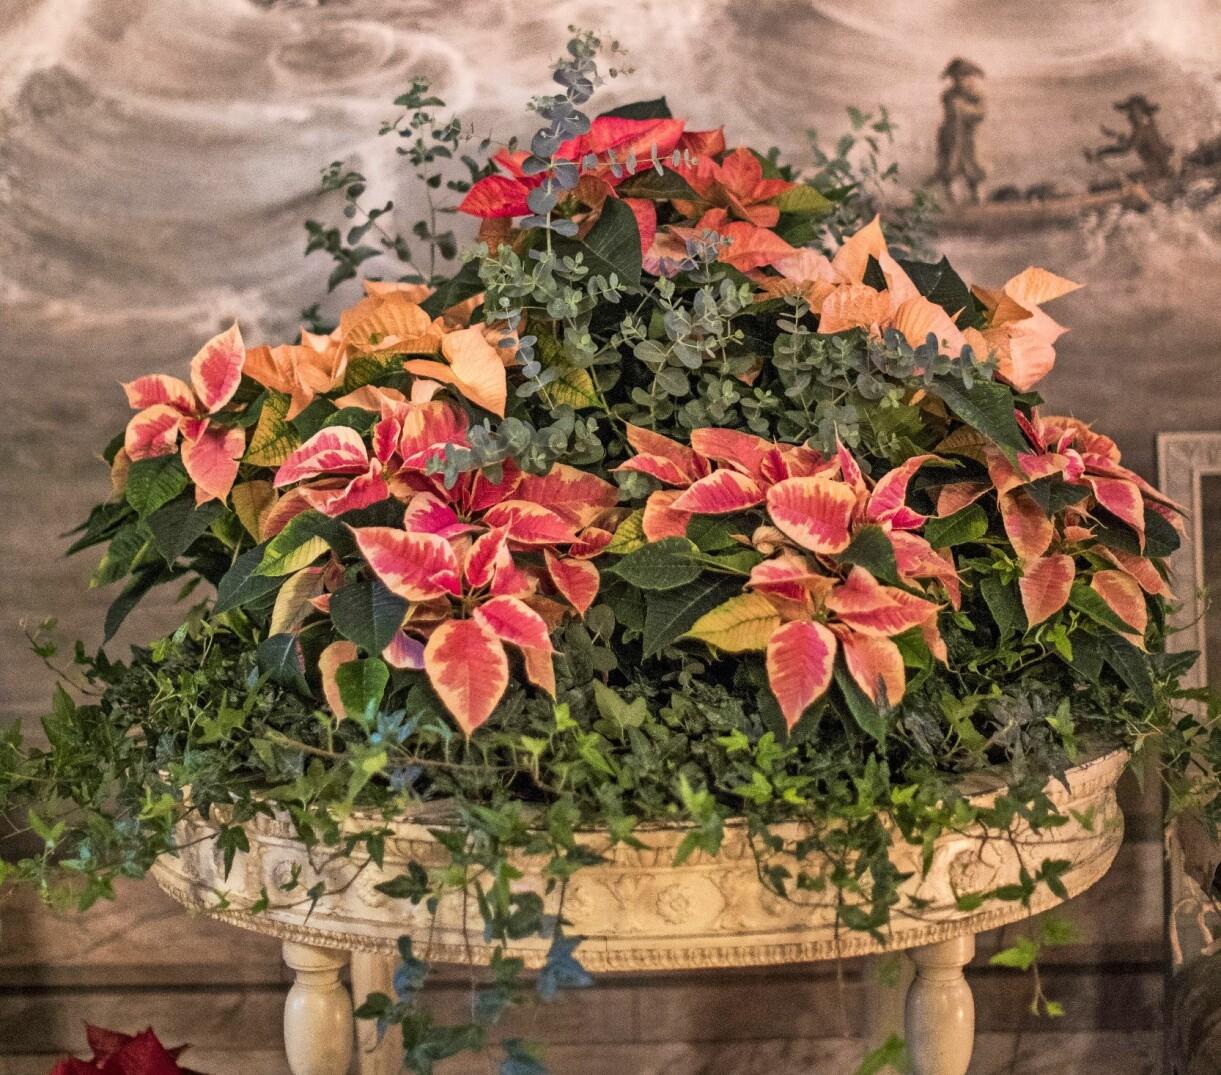 Flera olika sorters julstjärnor, samplanterade med eukalyptus och murgröna.